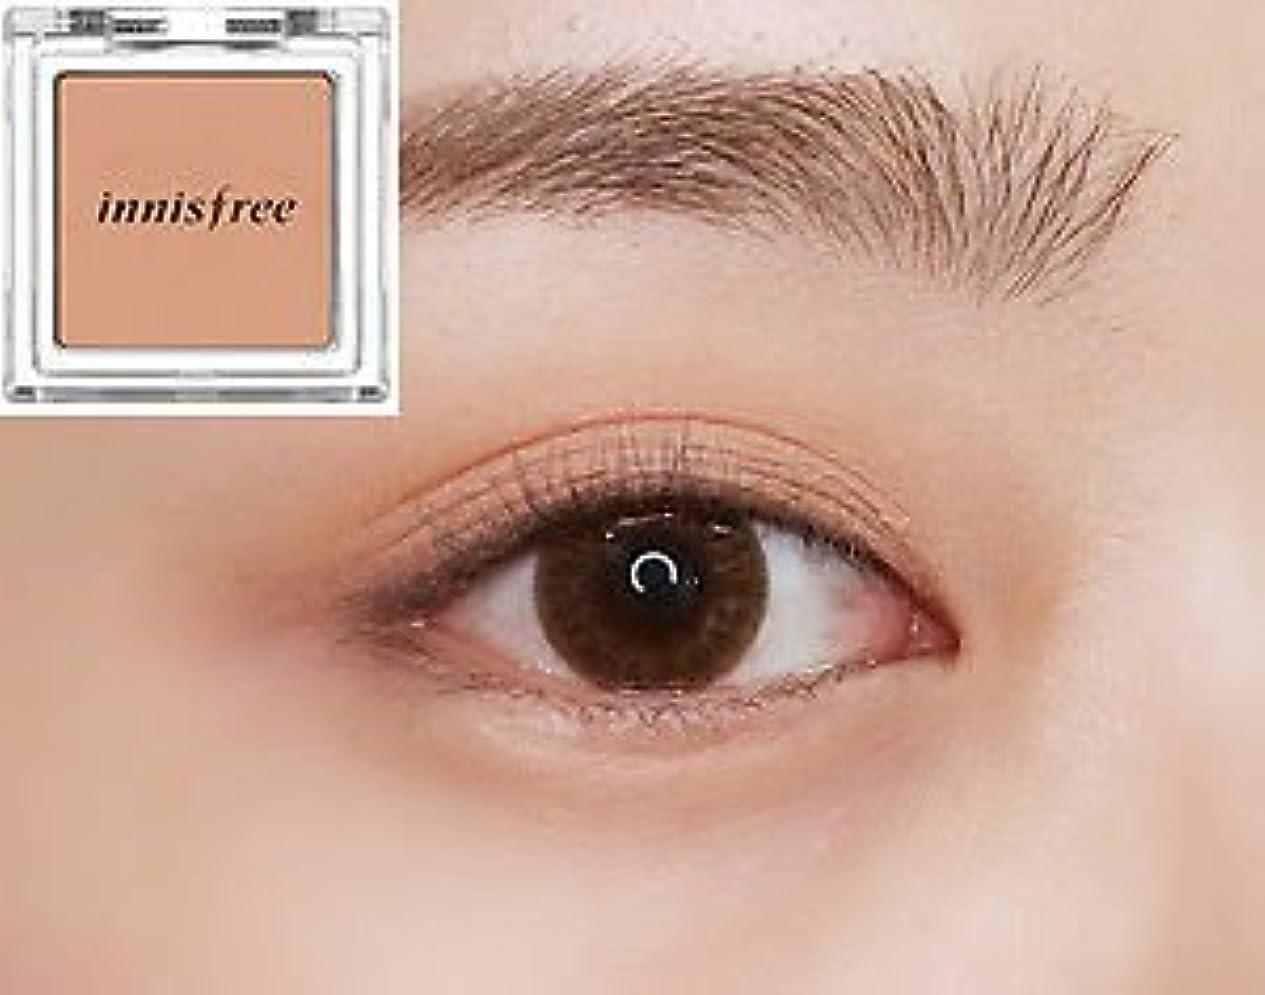 余暇デイジーレベル[イニスフリー] innisfree [マイ パレット マイ アイシャドウ (マット) 40カラー] MY PALETTE My Eyeshadow (Matte) 40 Shades [海外直送品] (マット #04)